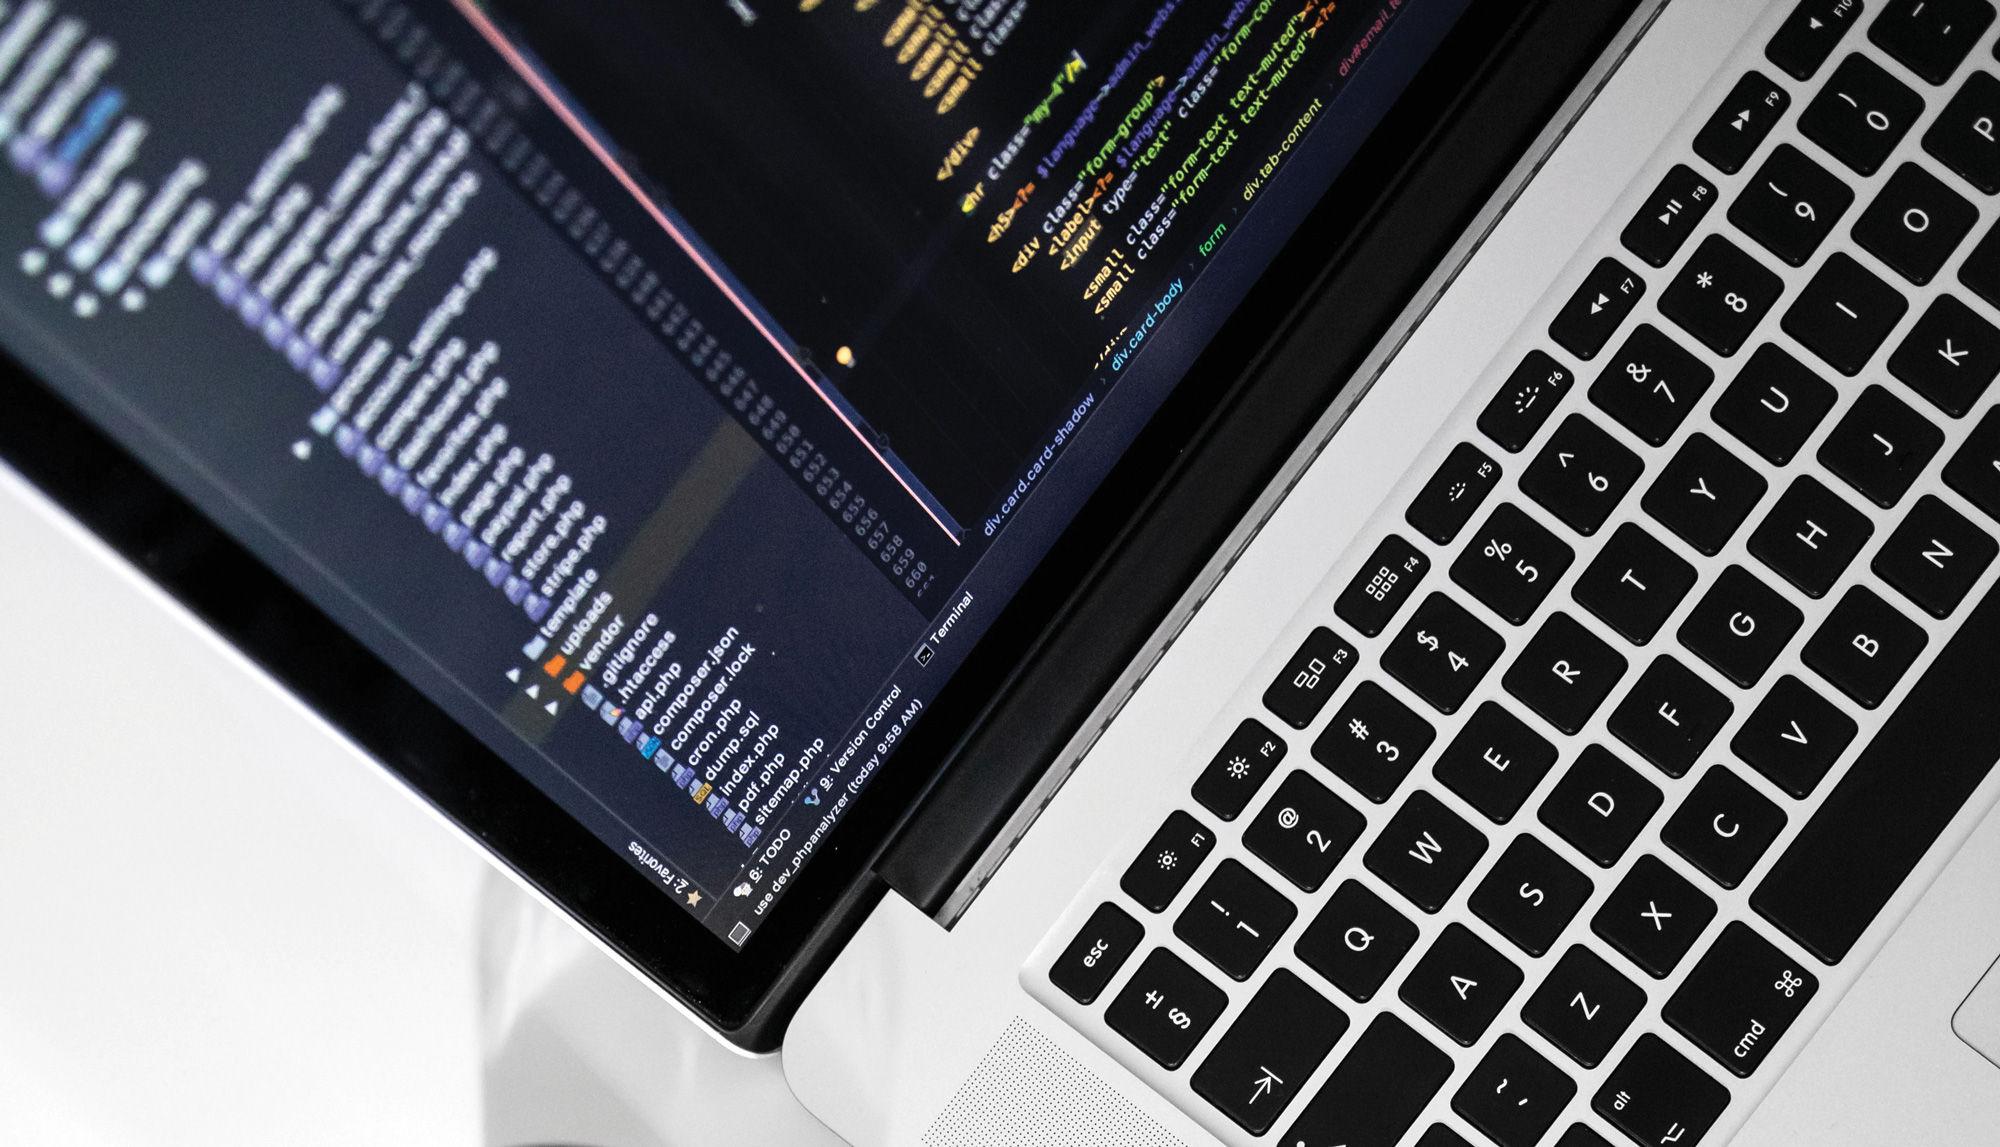 UI/UX 스마트웹 &앱디자인 (웹퍼블리셔 &프론트엔드) 실무과정